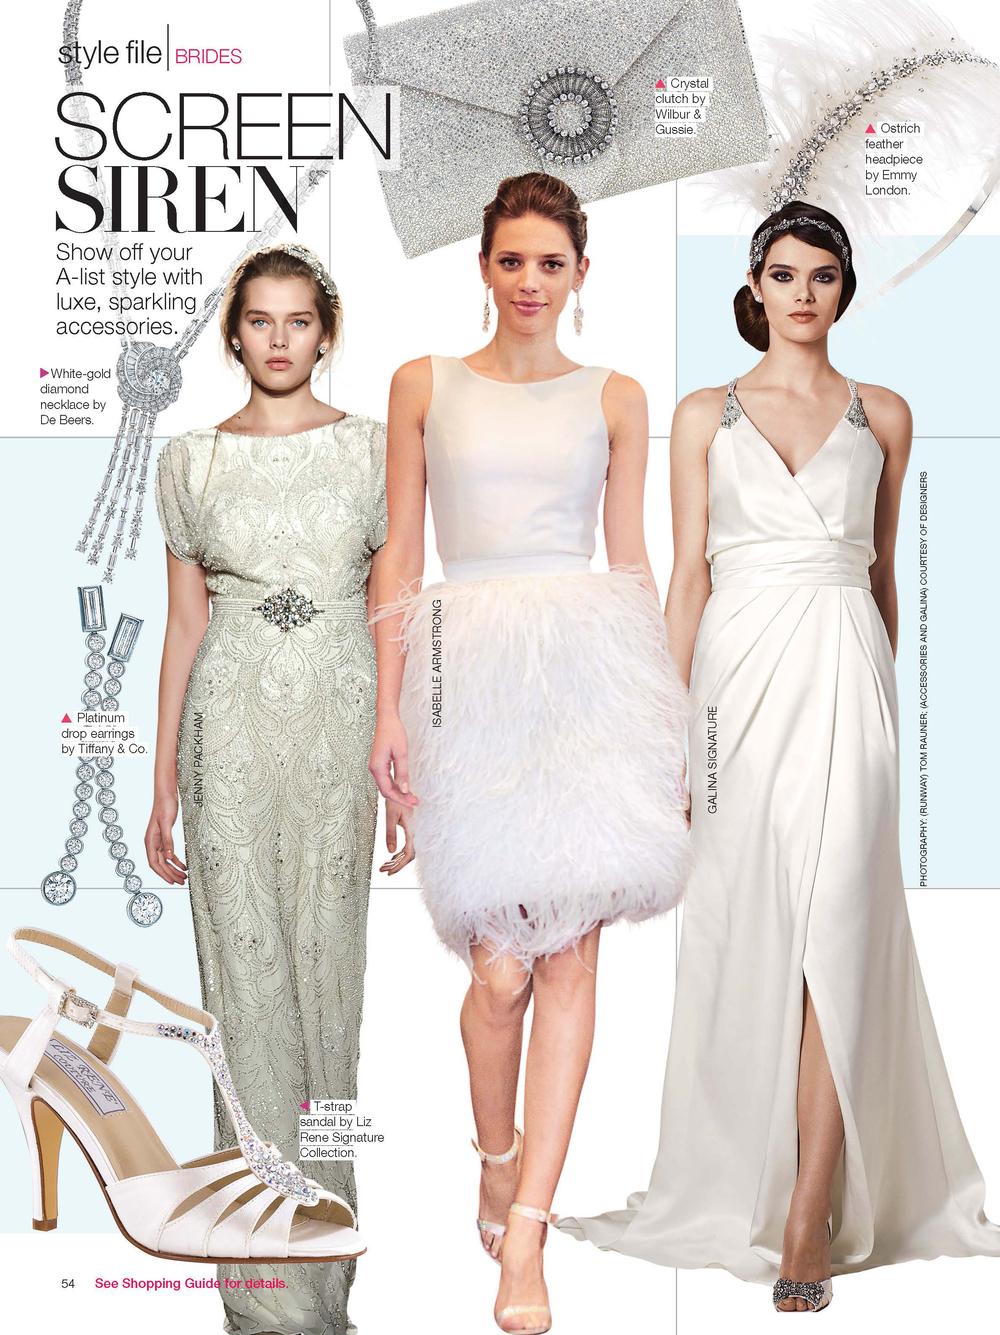 Bridal Guide Jan/Feb 2015